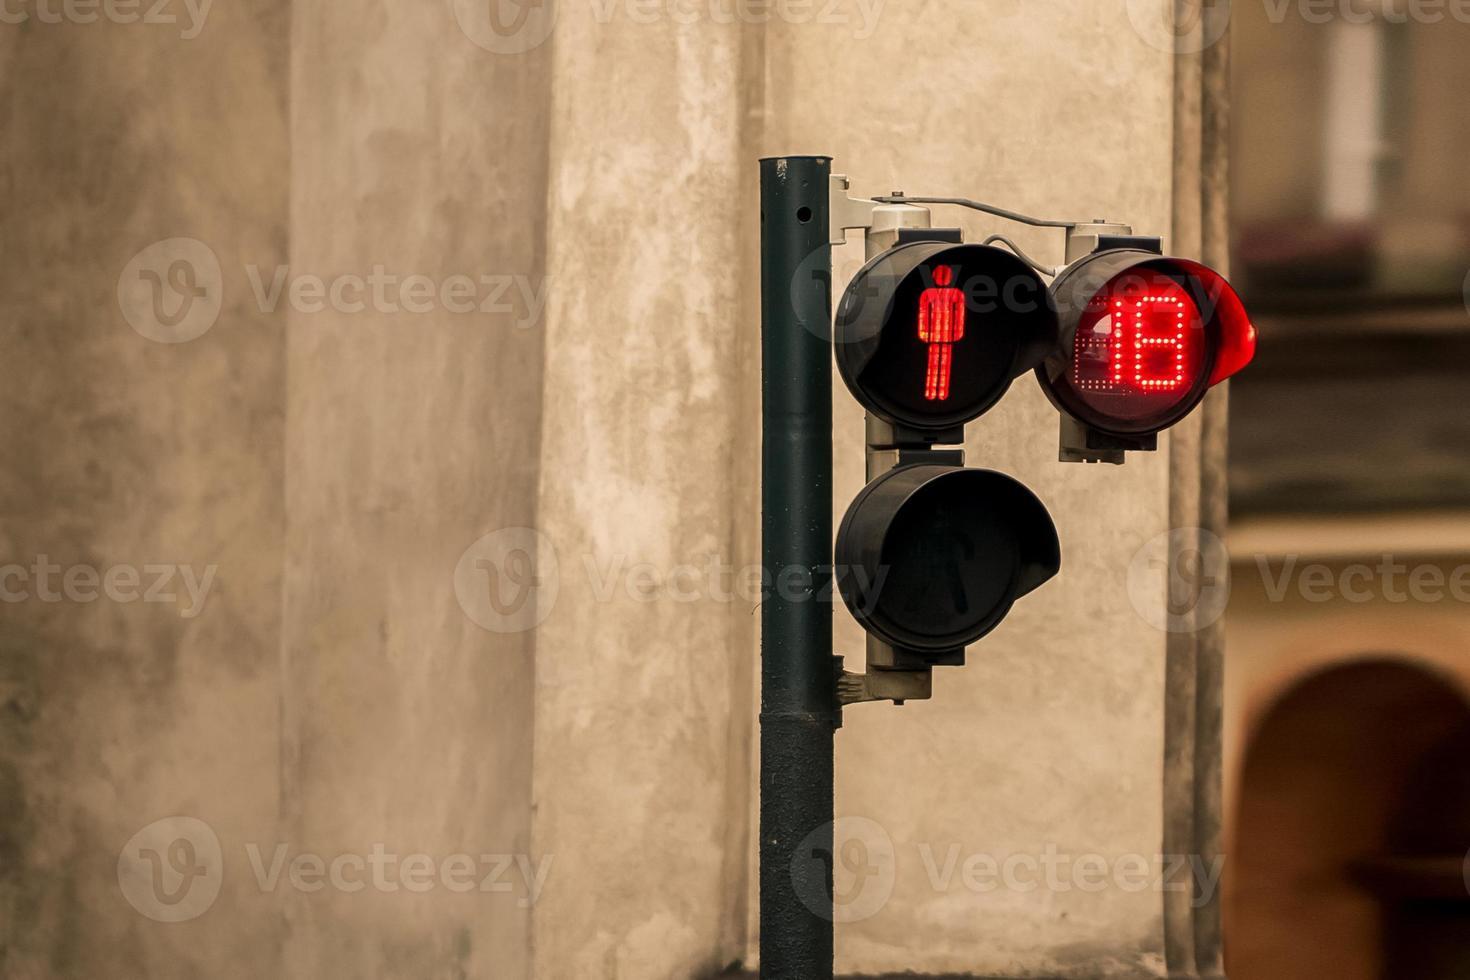 adultes seulement feux de circulation métaphore photo